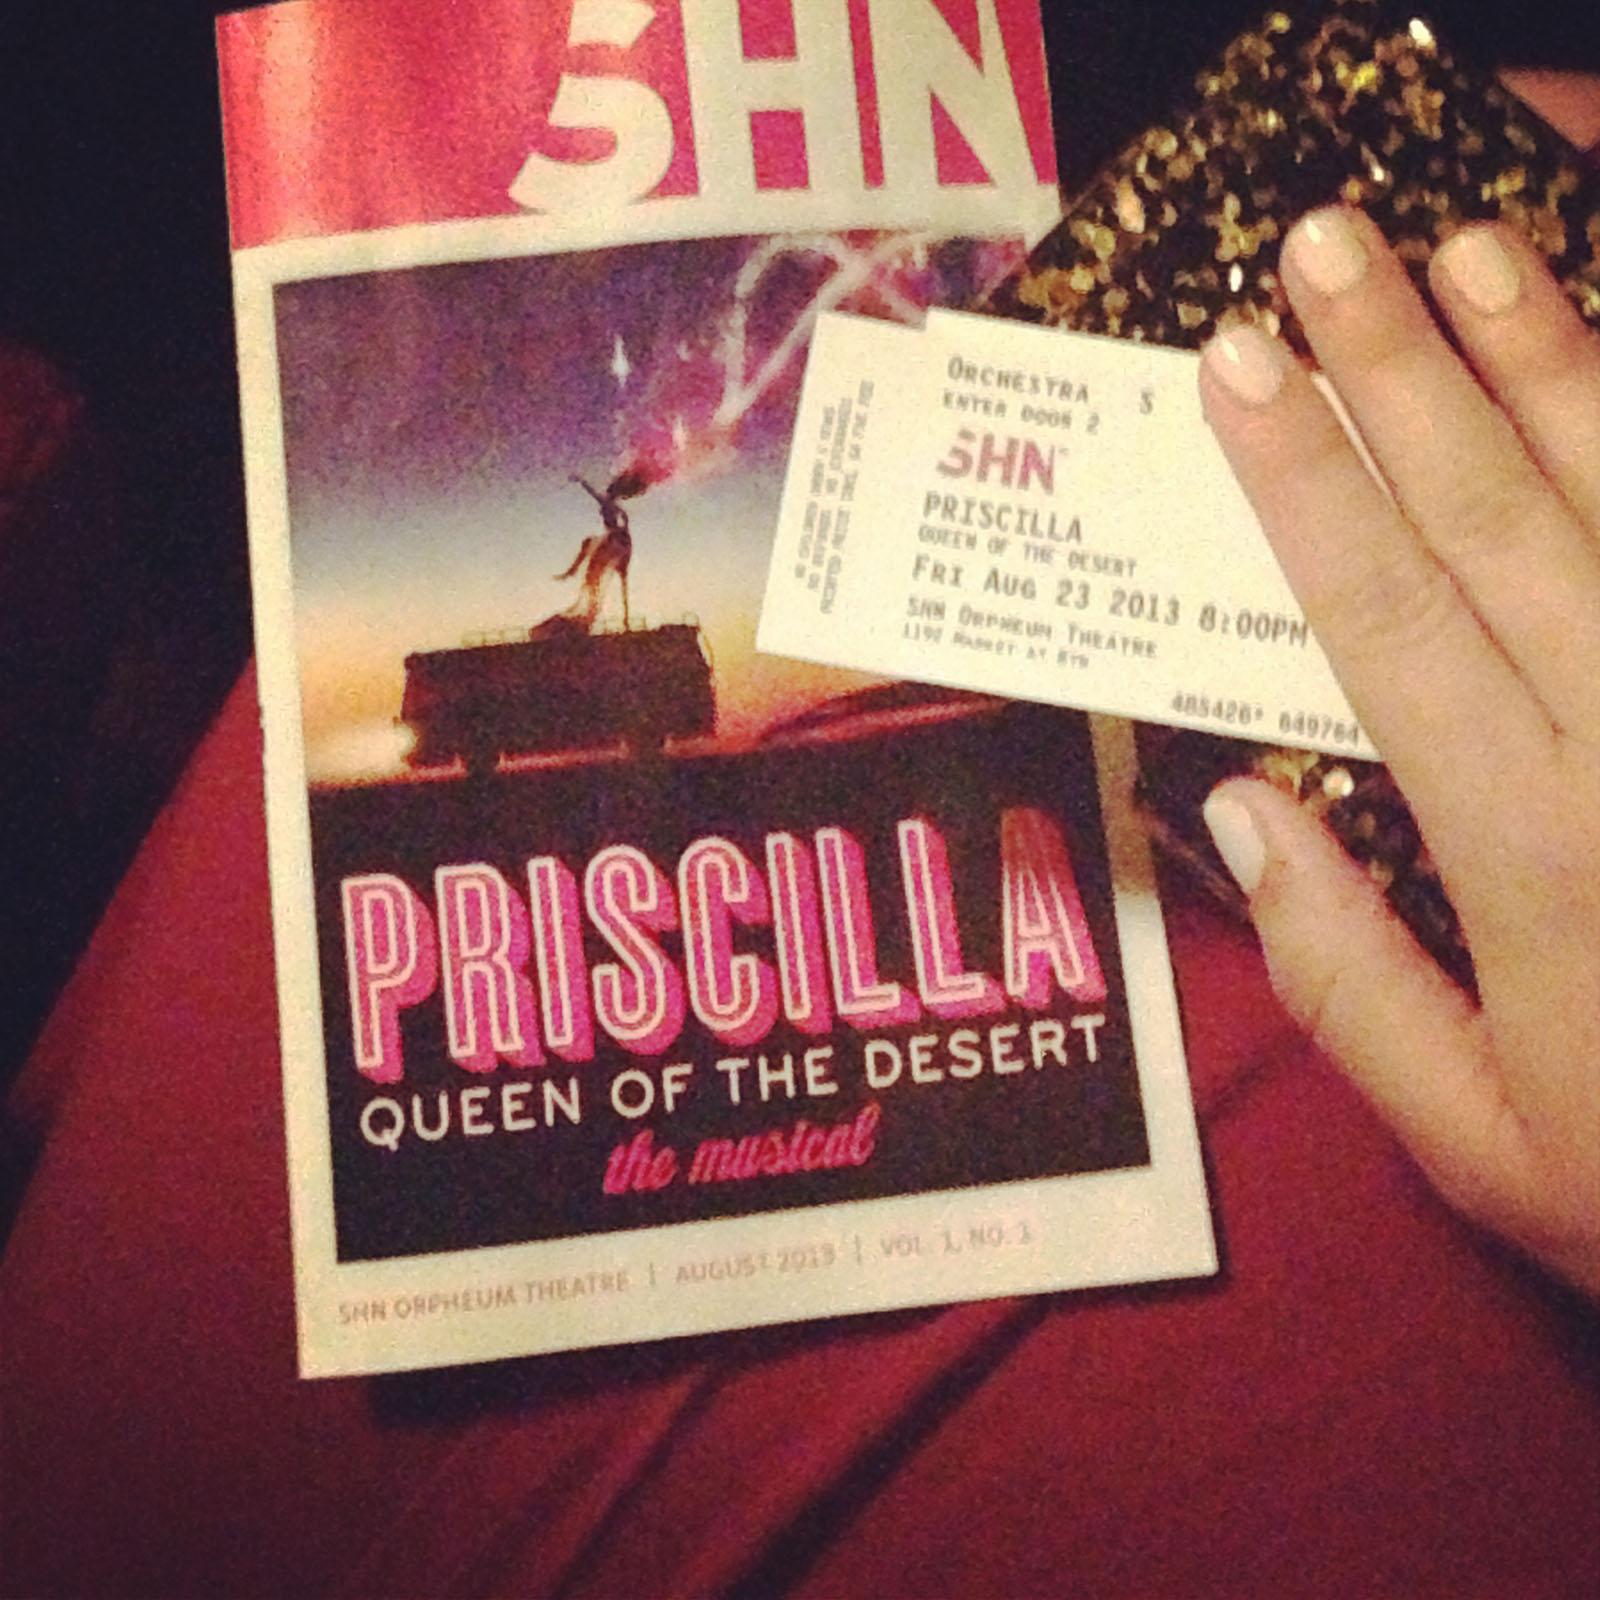 Priscilla show